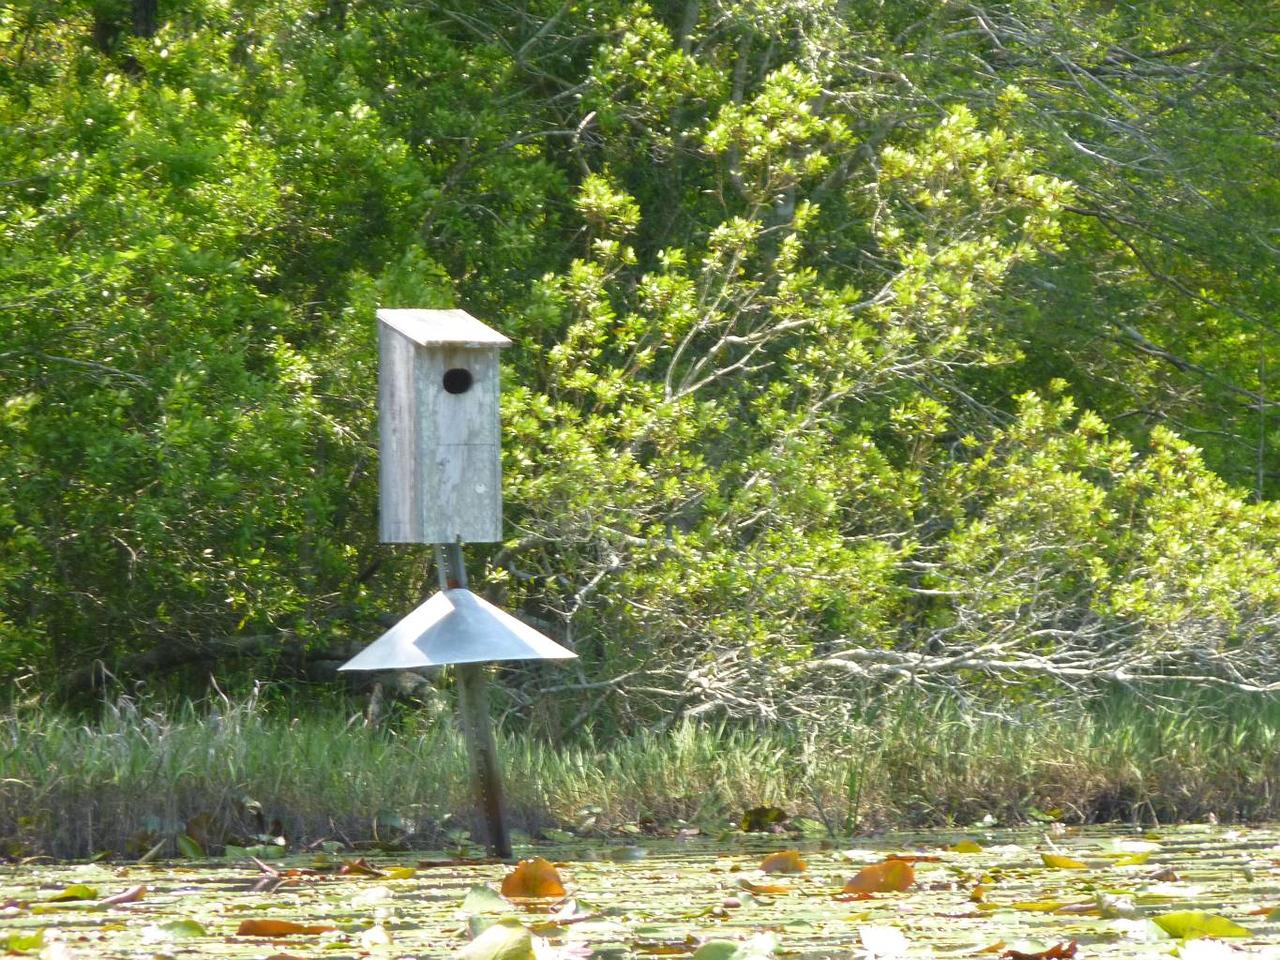 day 2 16 bird nesting box P1020748-a-C